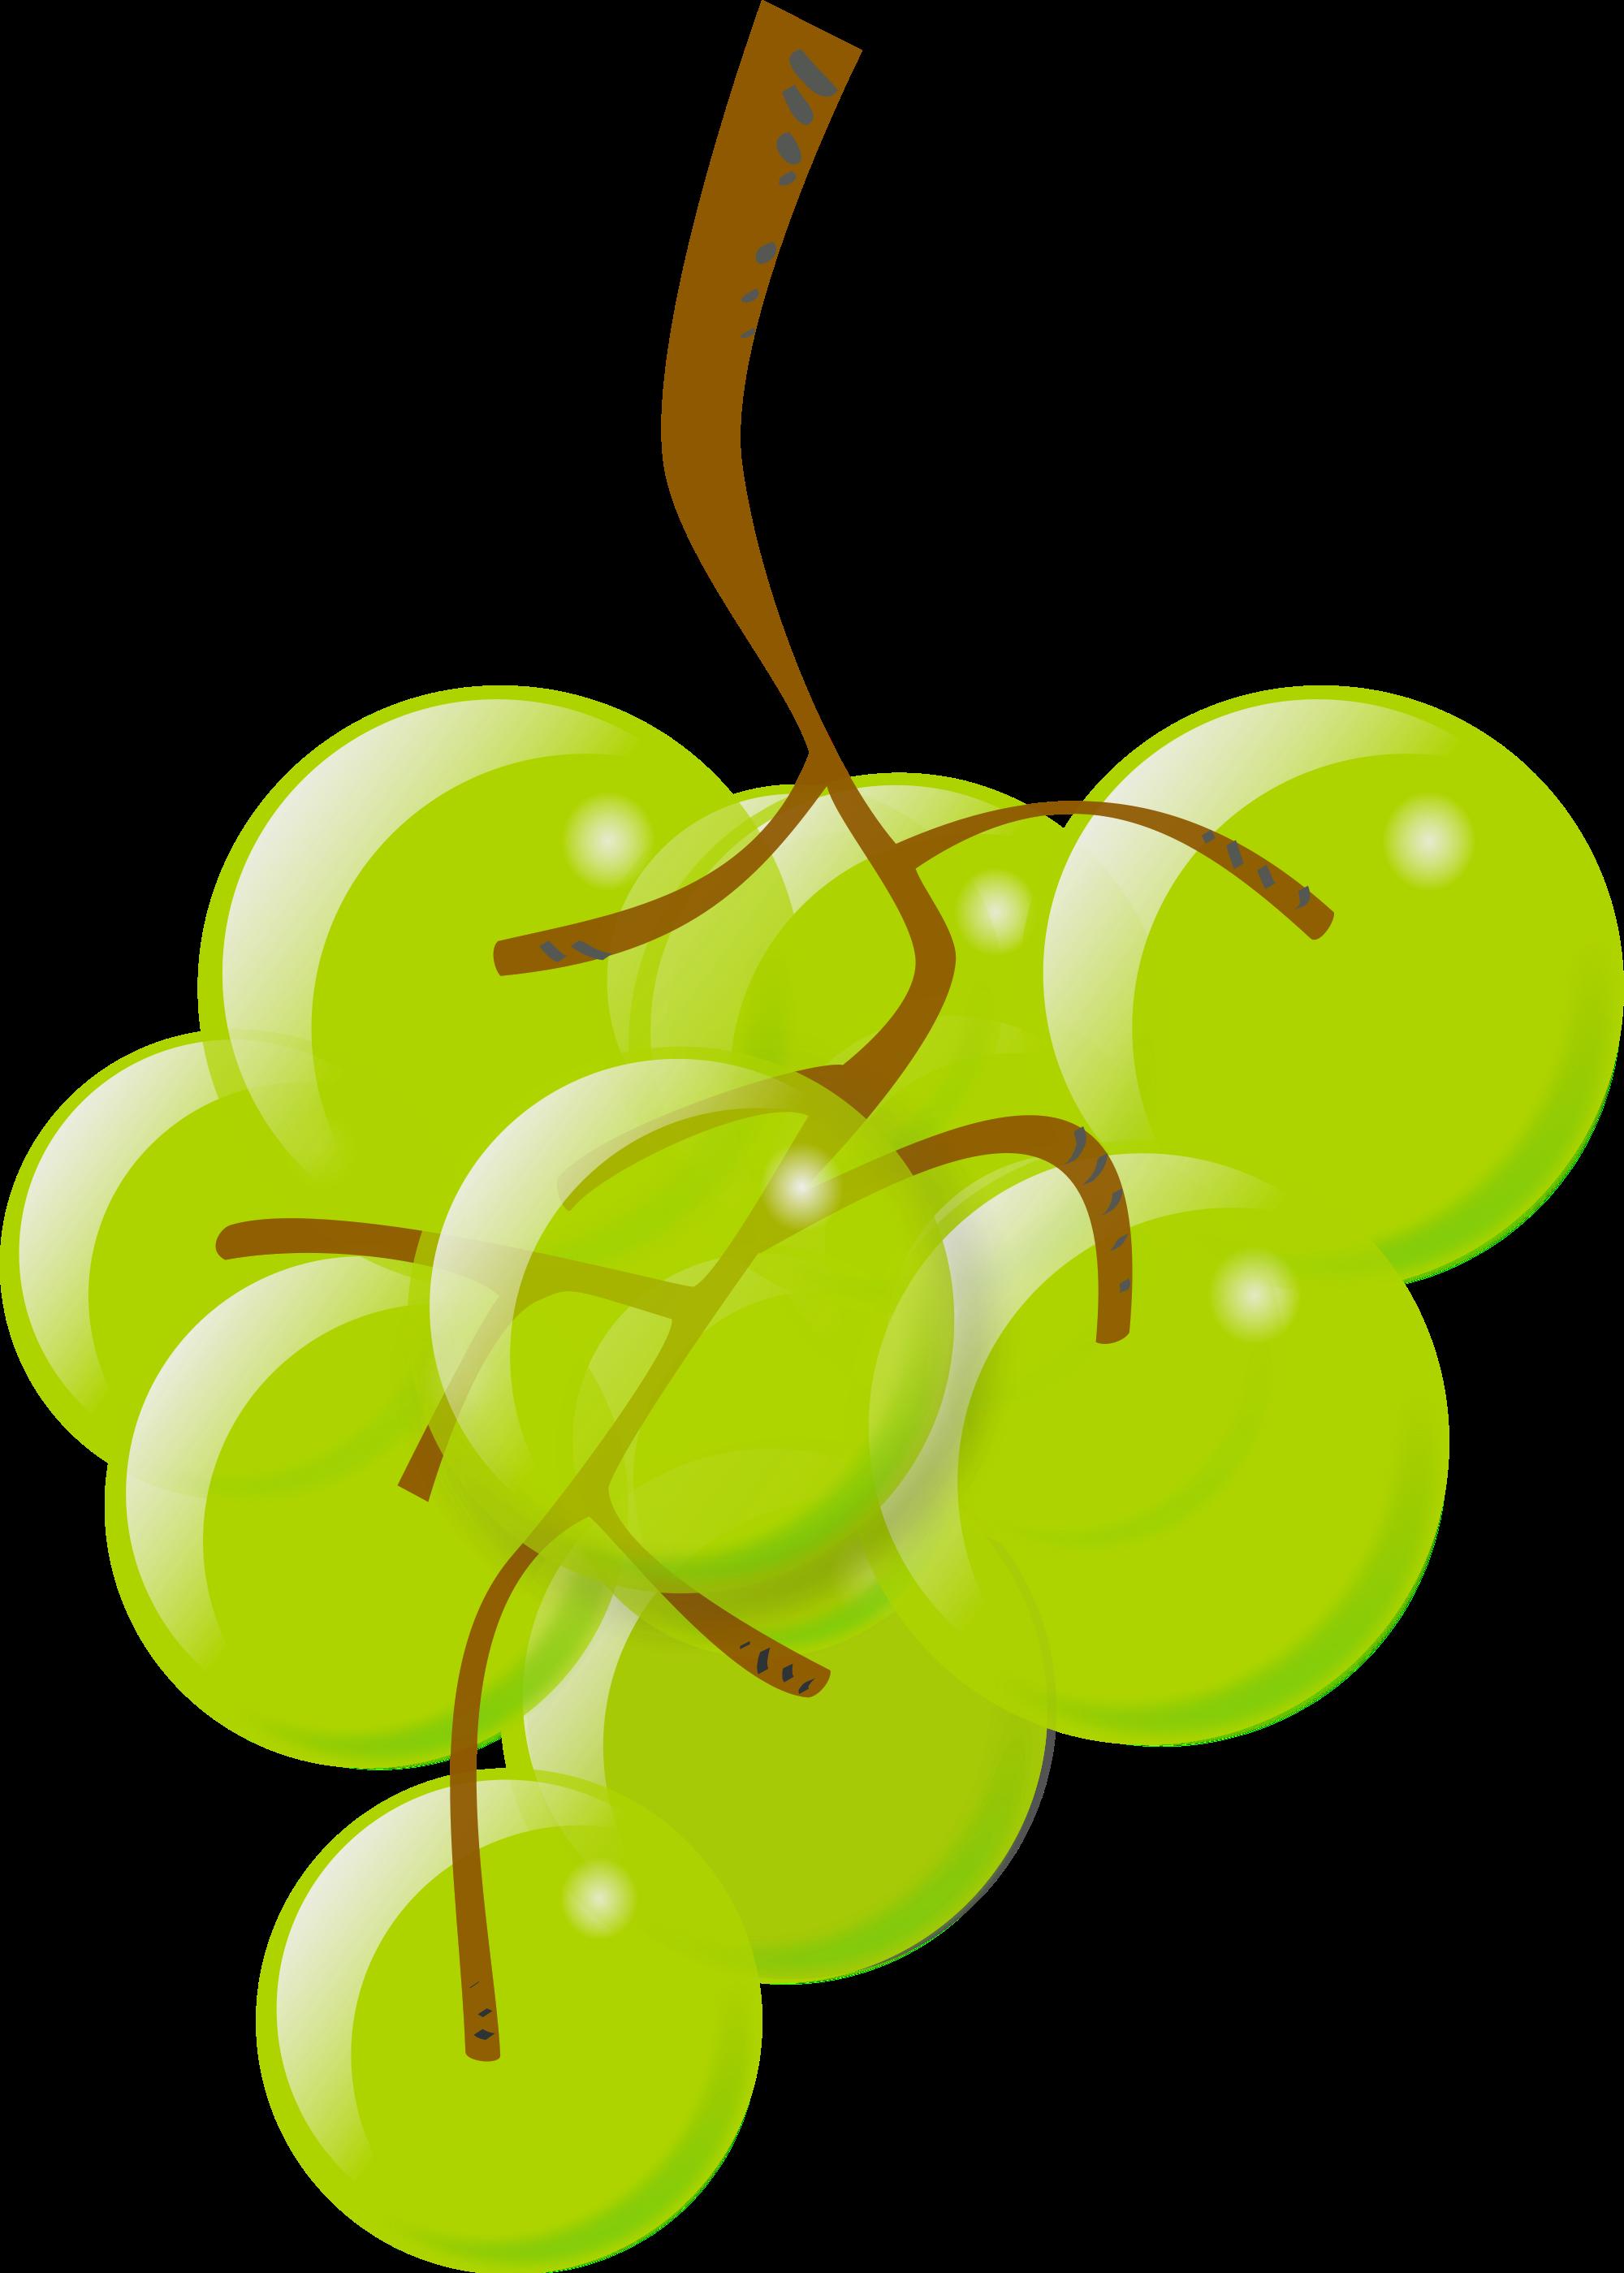 File:Green grapes icon.svg.